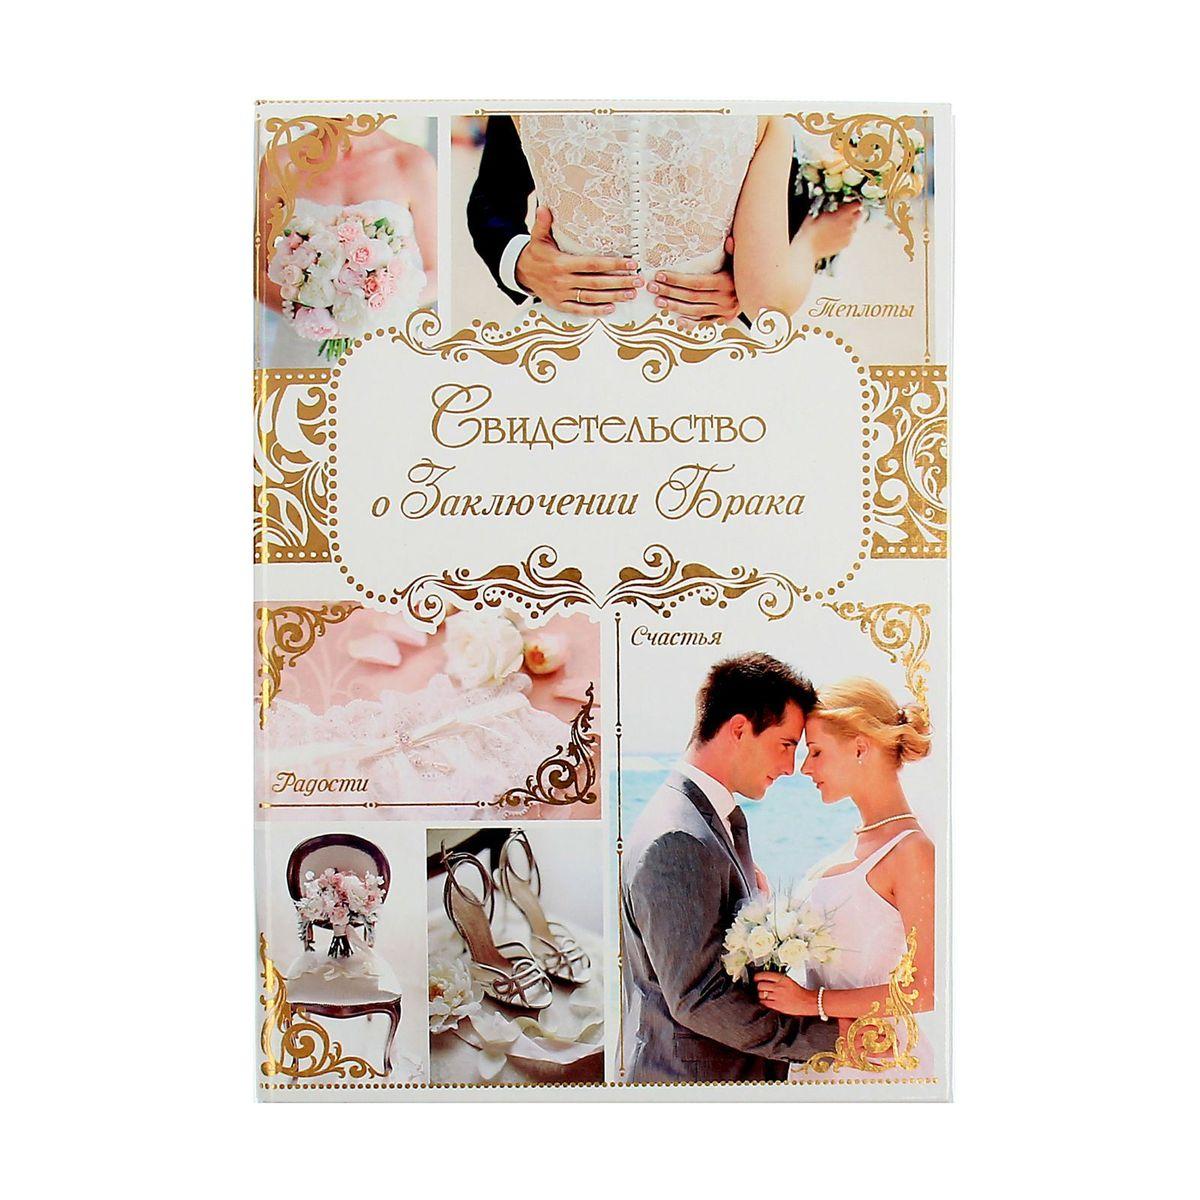 Папка для свидетельства о заключении брака Sima-land Теплоты, радости, счастья, 20,5 x 14 x 0,5 см1181140Папка для свидетельства о заключении брака — наилучшее обрамление первого совместного документа молодой семьи. Она подчеркнёт торжественность бракосочетания и будет напоминать о счастливом дне!Папка формата А5 из ламинированного картона имеет удобный файл внутри (19,5 х 27 см), который бережно сохранит столь важный документ в первозданном виде. Задняя обложка украшена поздравительным стихотворением.Интересный дизайн обложки, тиснение золотом и душевные пожелания создадут отличное настроение новобрачным. Выберите этот аксессуар себе или подарите друзьям. Папка станет хорошим презентом на свадьбу или её годовщину.